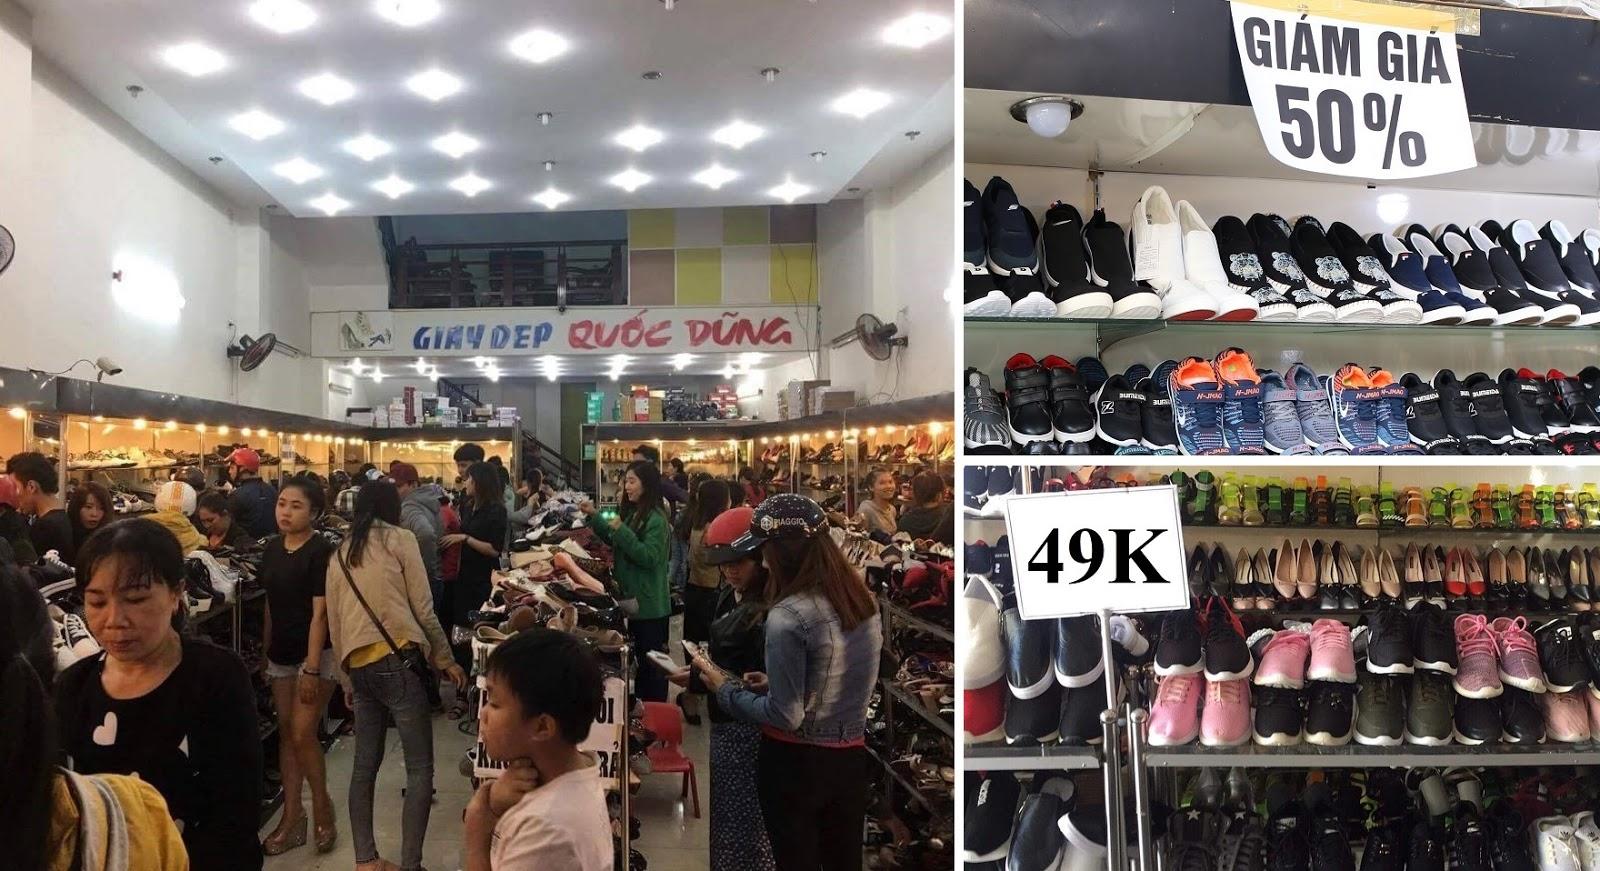 """Gia Lai: Giảm giá 50% toàn bộ 50.000 đôi giày dép, """"quá xá rẻ"""" chỉ từ 49k/1 đôi"""